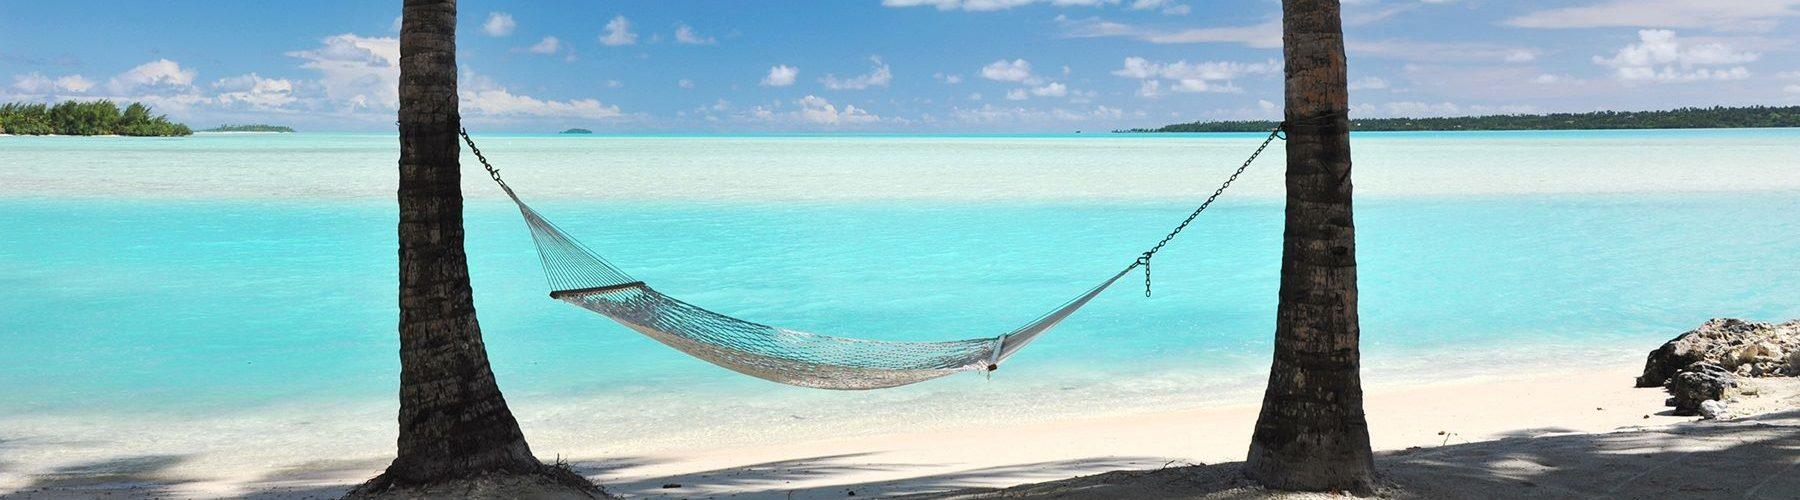 Cheap flights from Ottawa to Freeport Bahamas